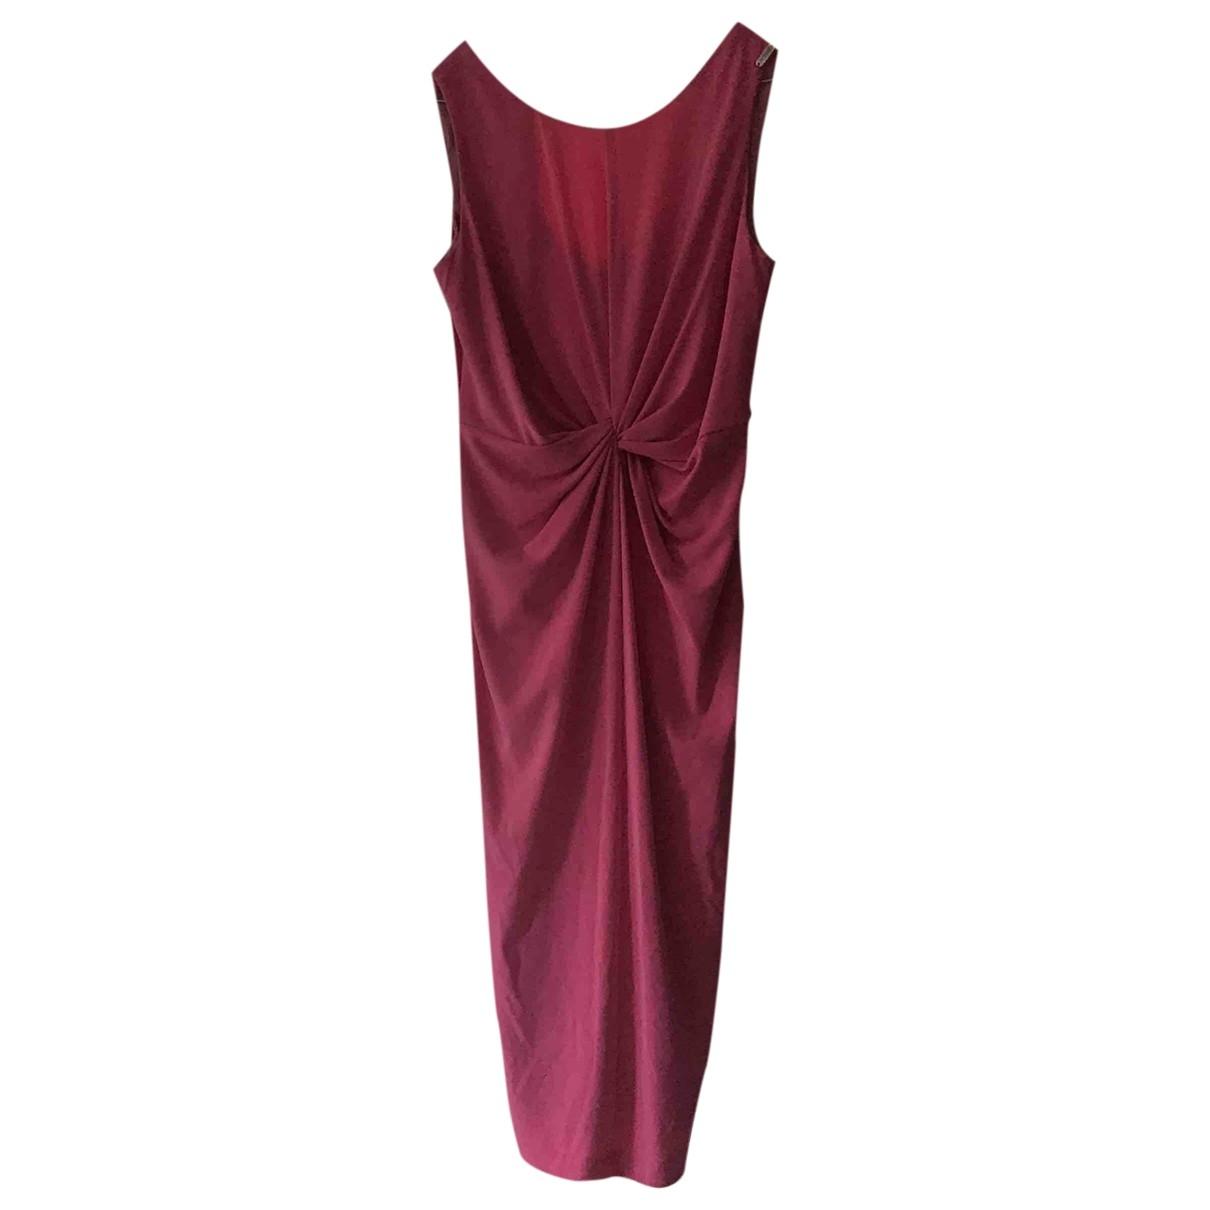 Guy Laroche \N Pink dress for Women 38 FR